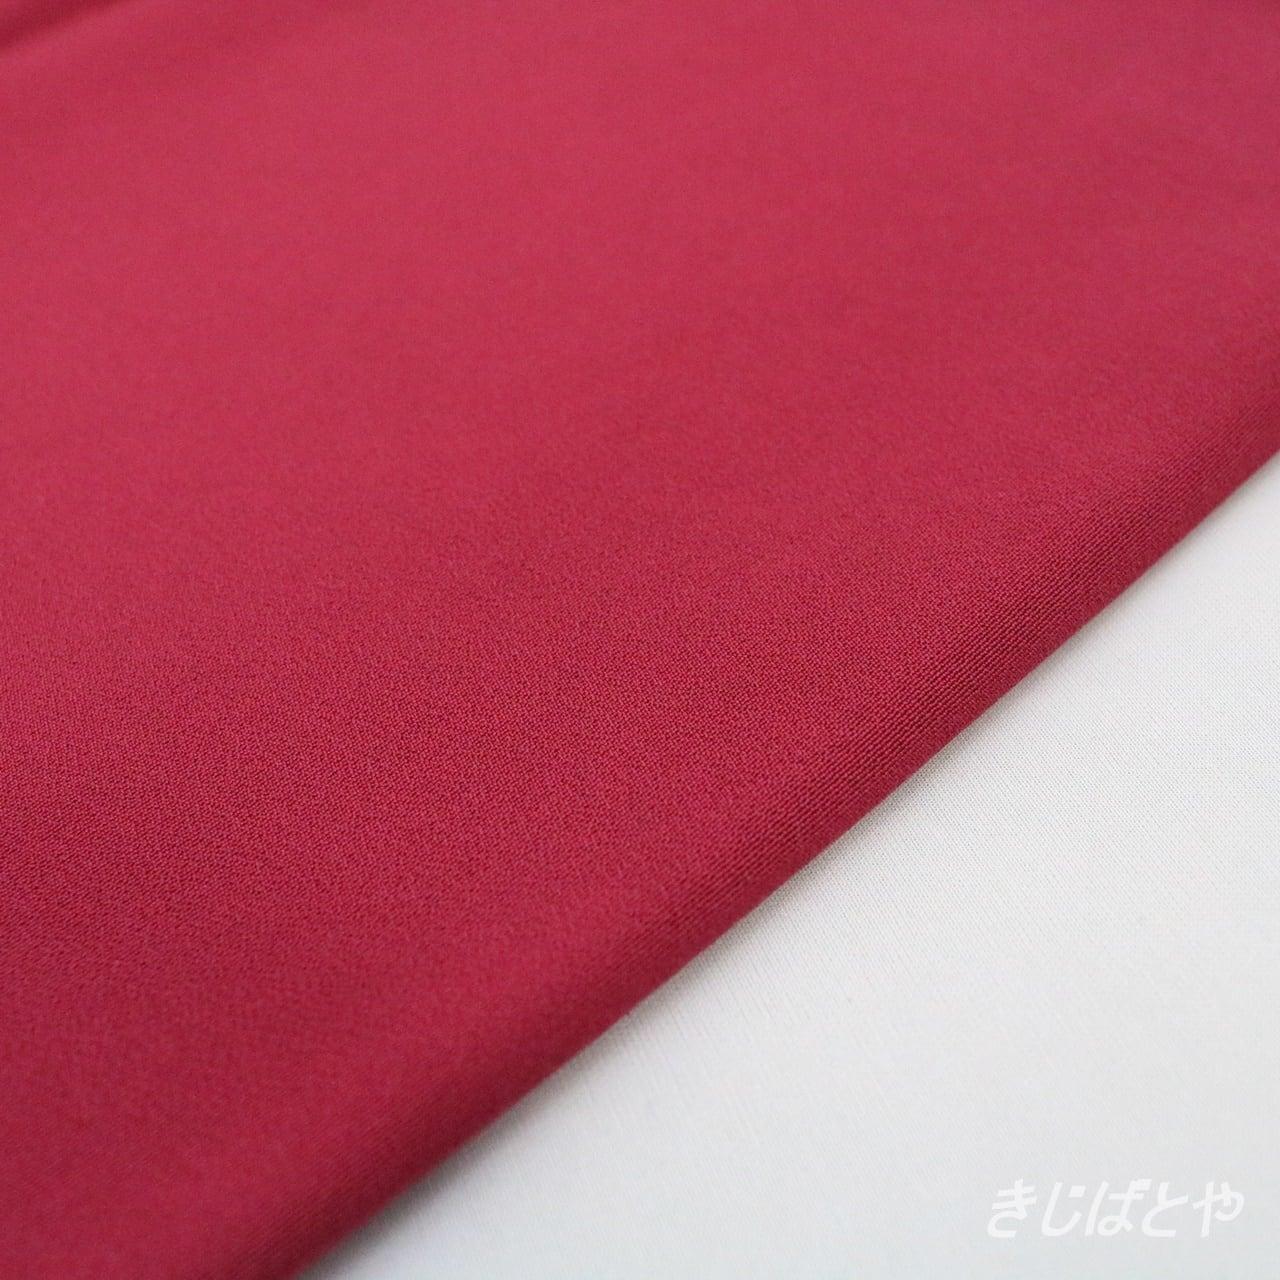 正絹はぎれ ラズベリー色の色無地から